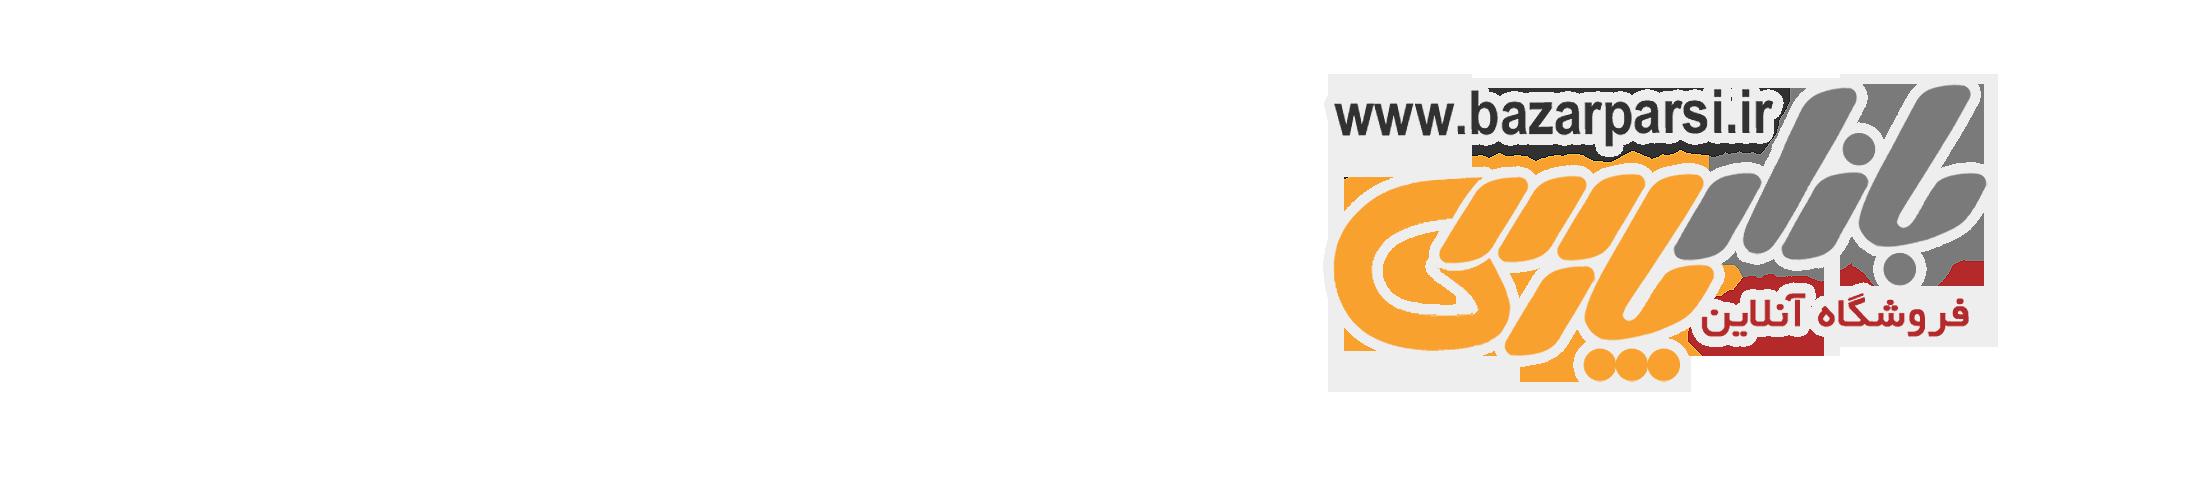 فروشگاه آنلاین بازارپارسی